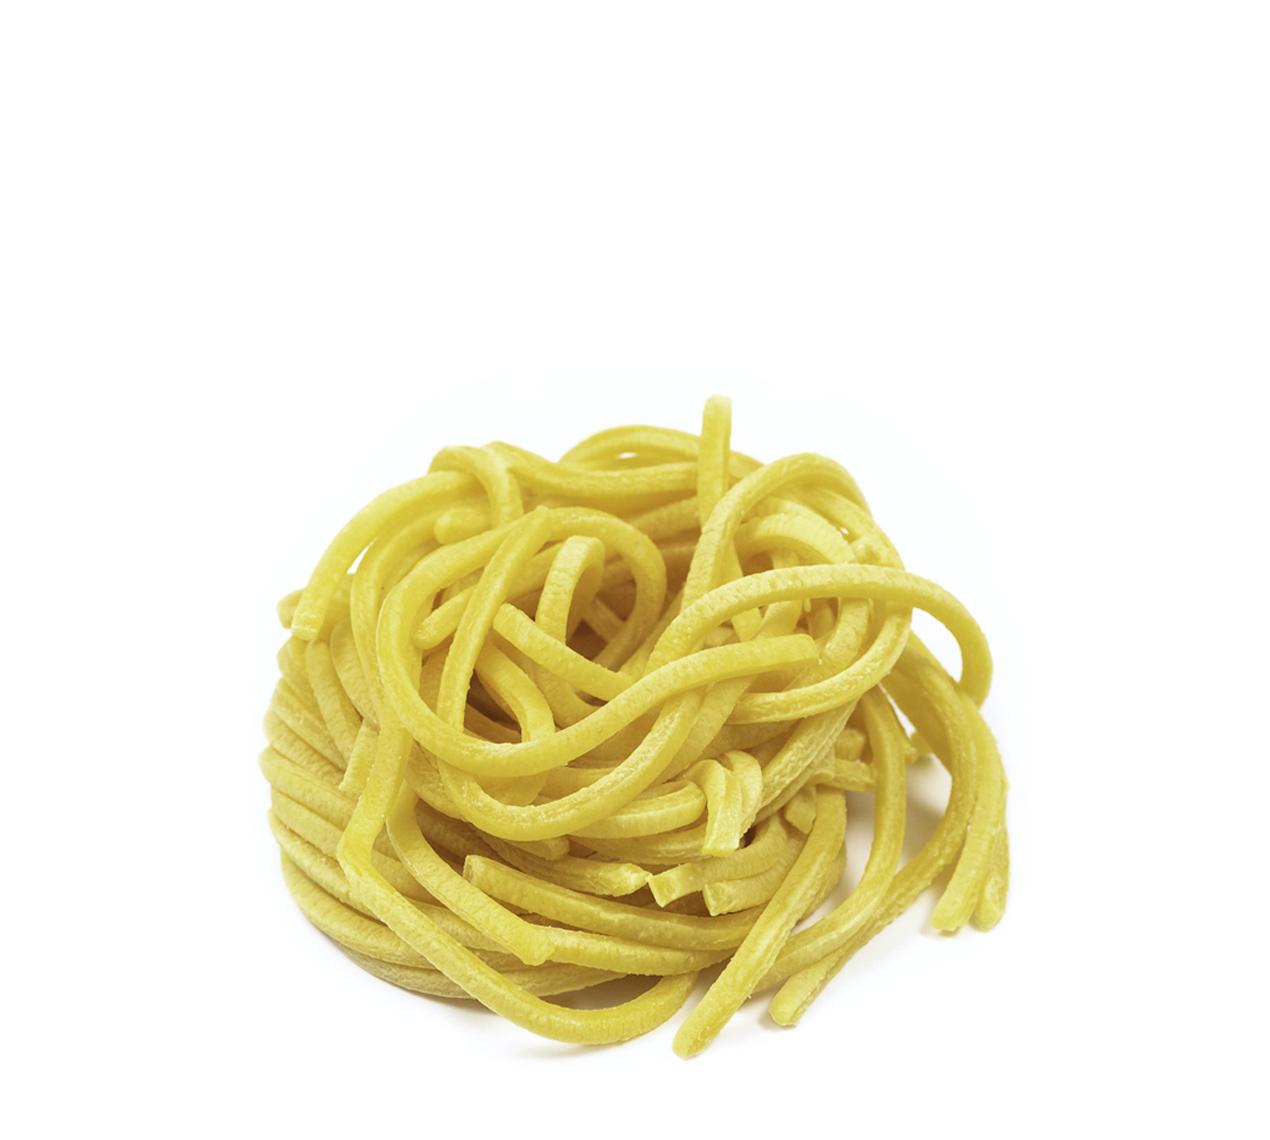 Pastificio_La_Fenice_pasta_surgelata_artigianale_spaghetti_alla_chitarra